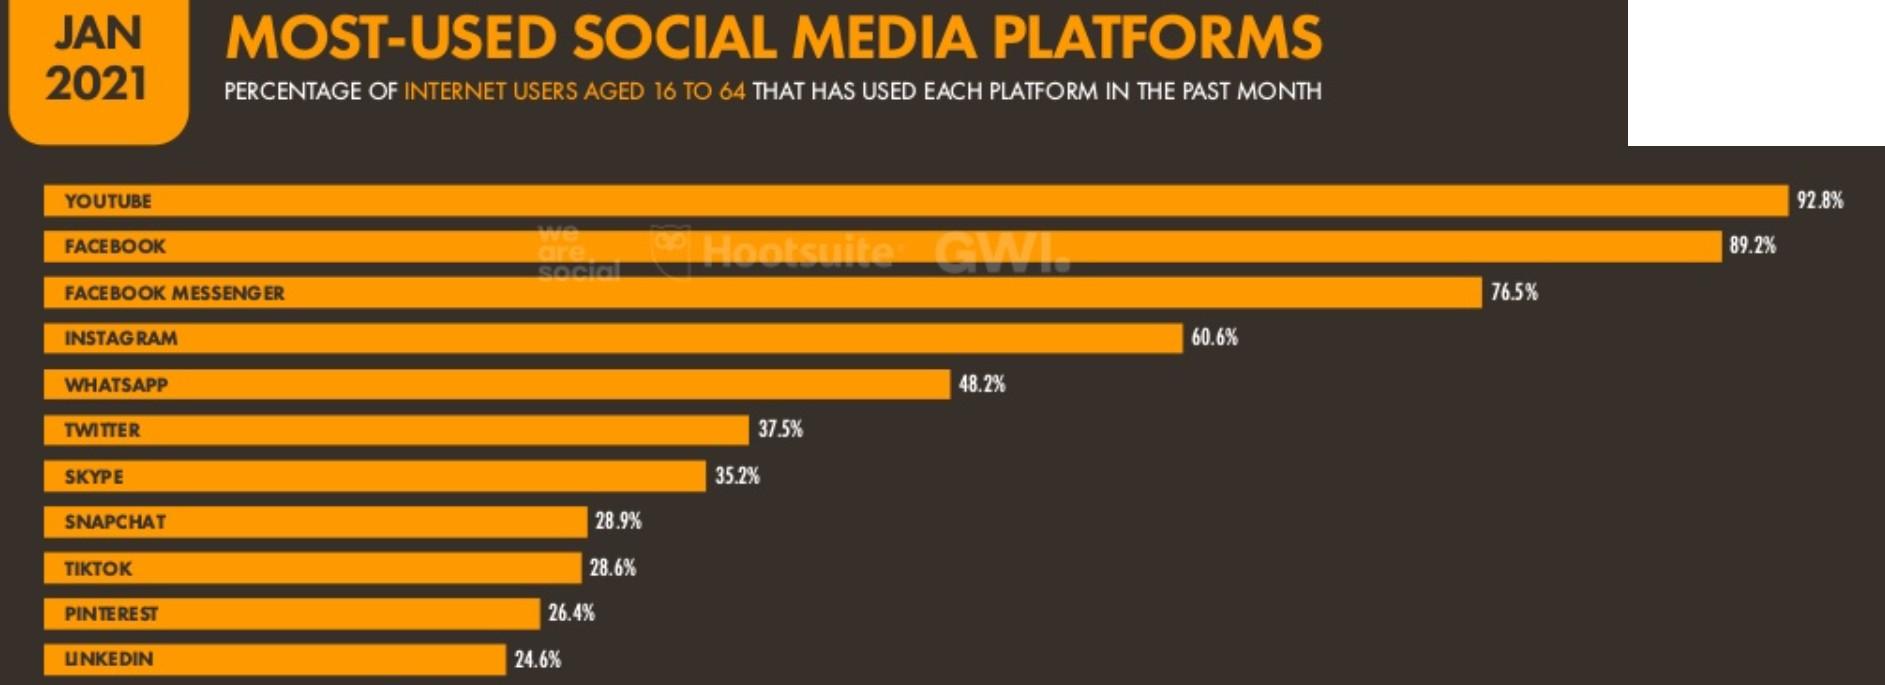 Polish social media platforms